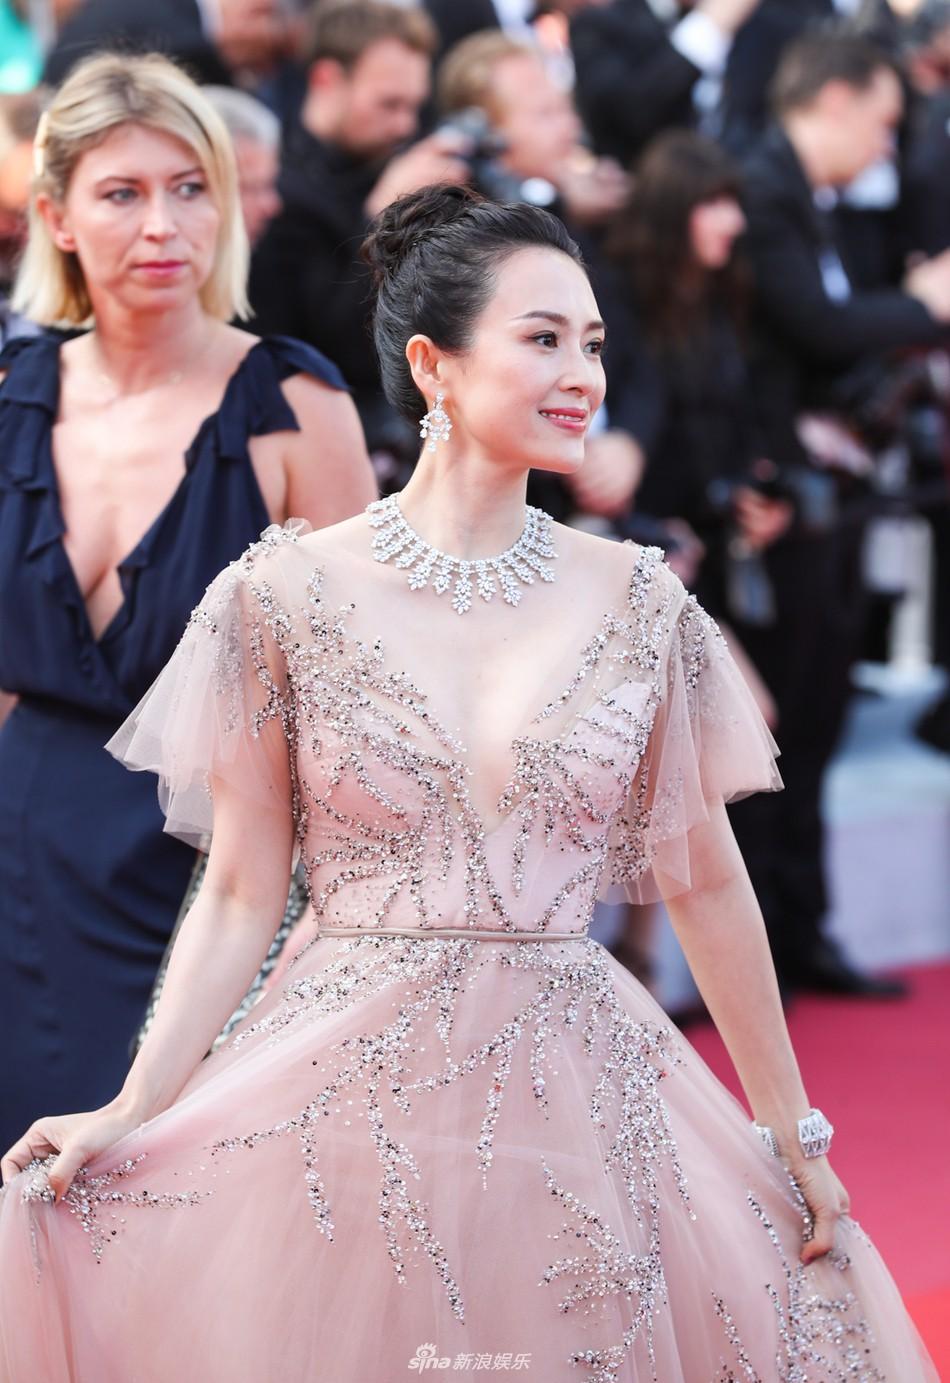 Chương Tử Di lại hút ống kính bằng vẻ đẹp không tì vết nhưng một người đẹp 50 tuổi khác cũng gây chú ý không kém trong ngày bế mạc Cannes - Ảnh 3.